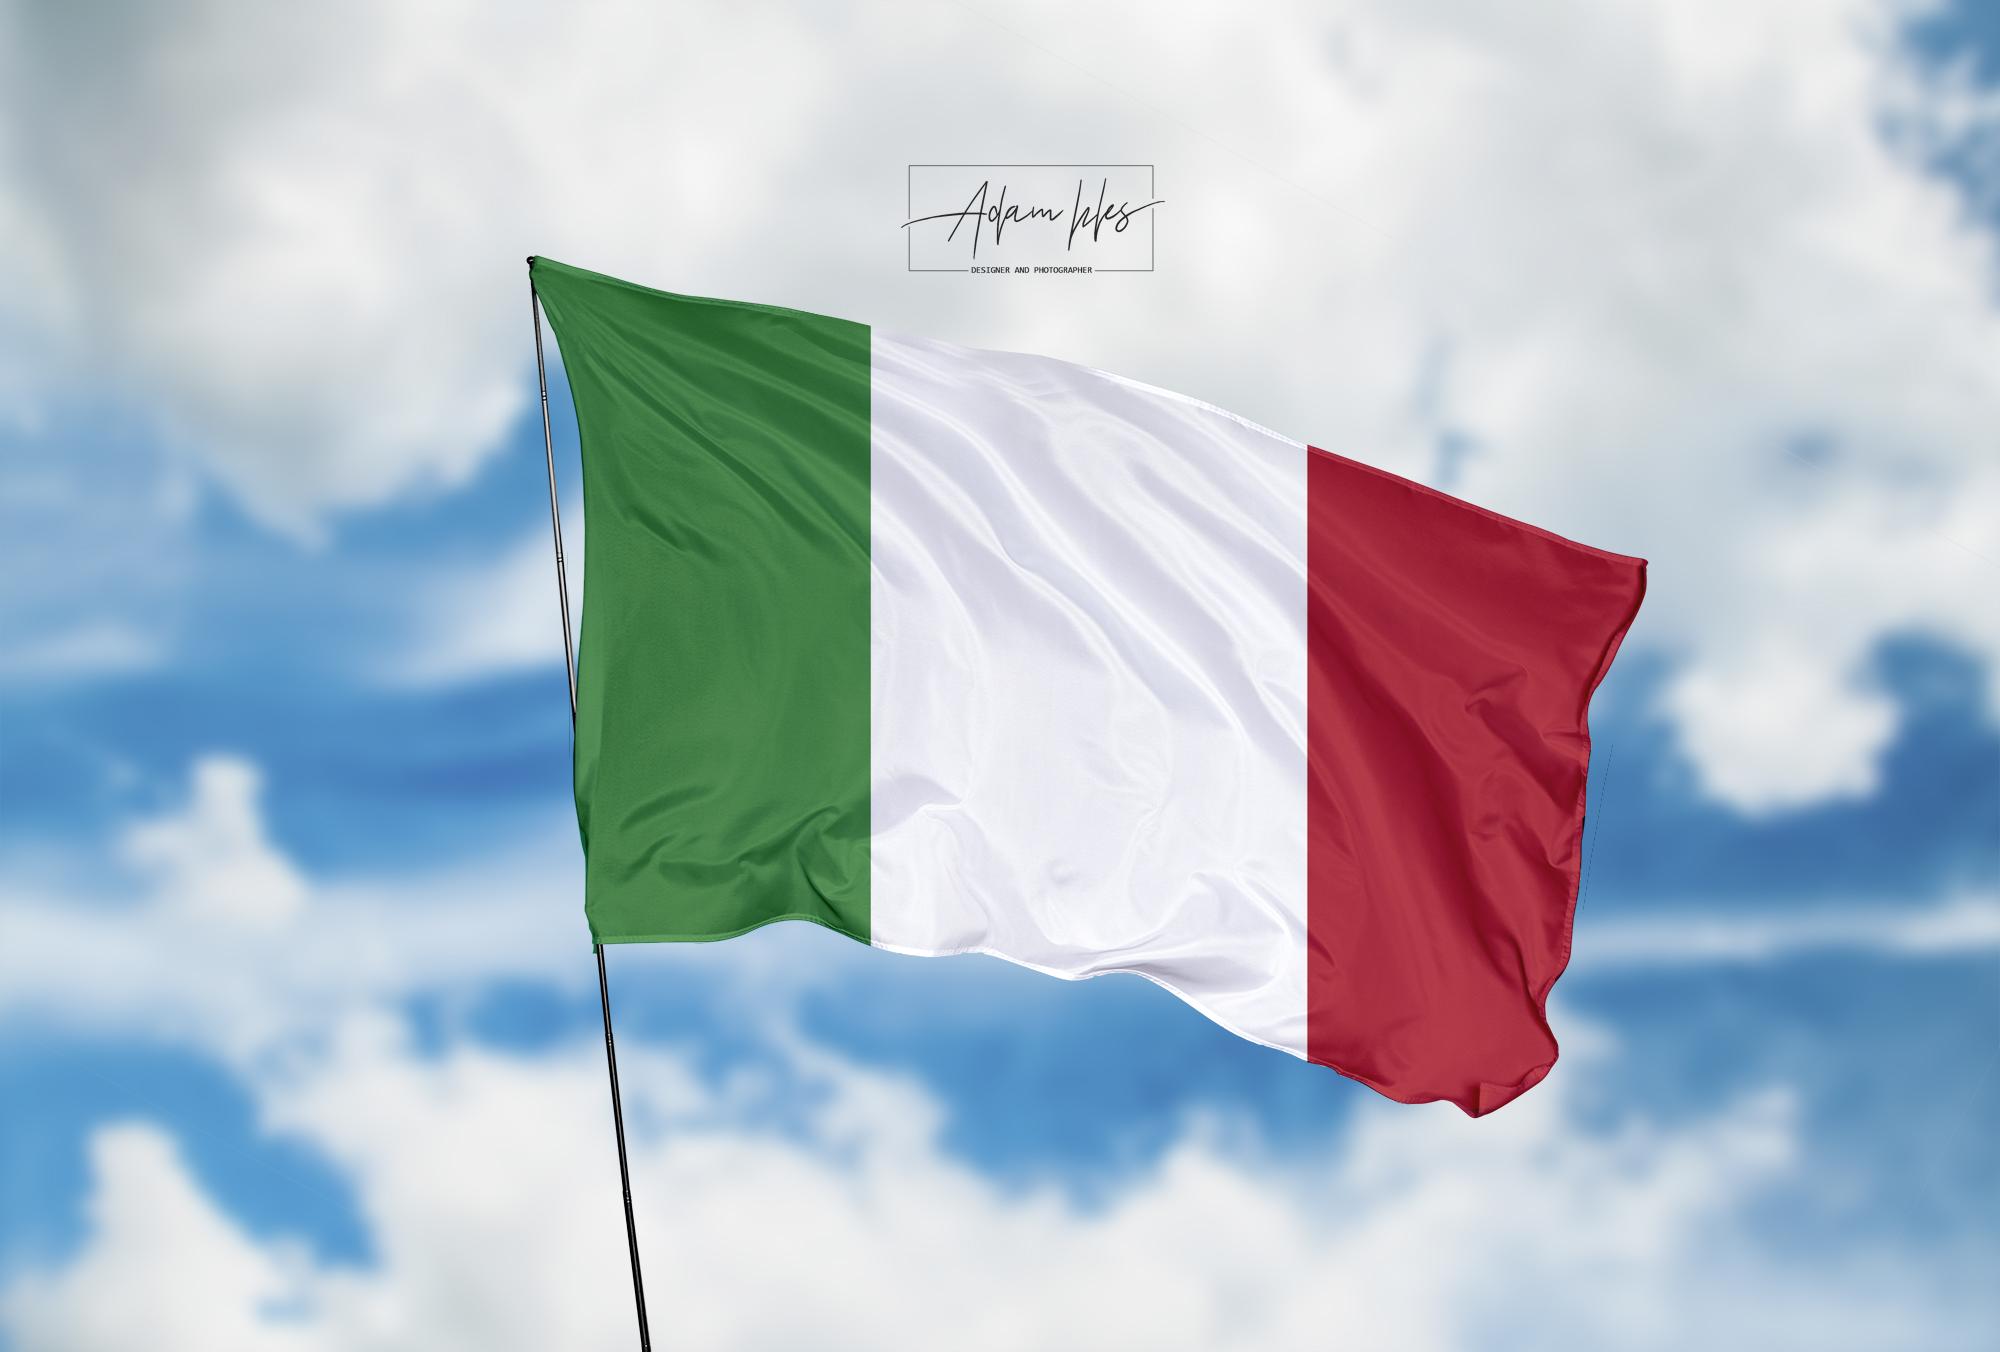 تحميل اجمل خلفية علم ايطاليا يرفرف في السماء - اجمل خلفيات ايطاليا الرائعة